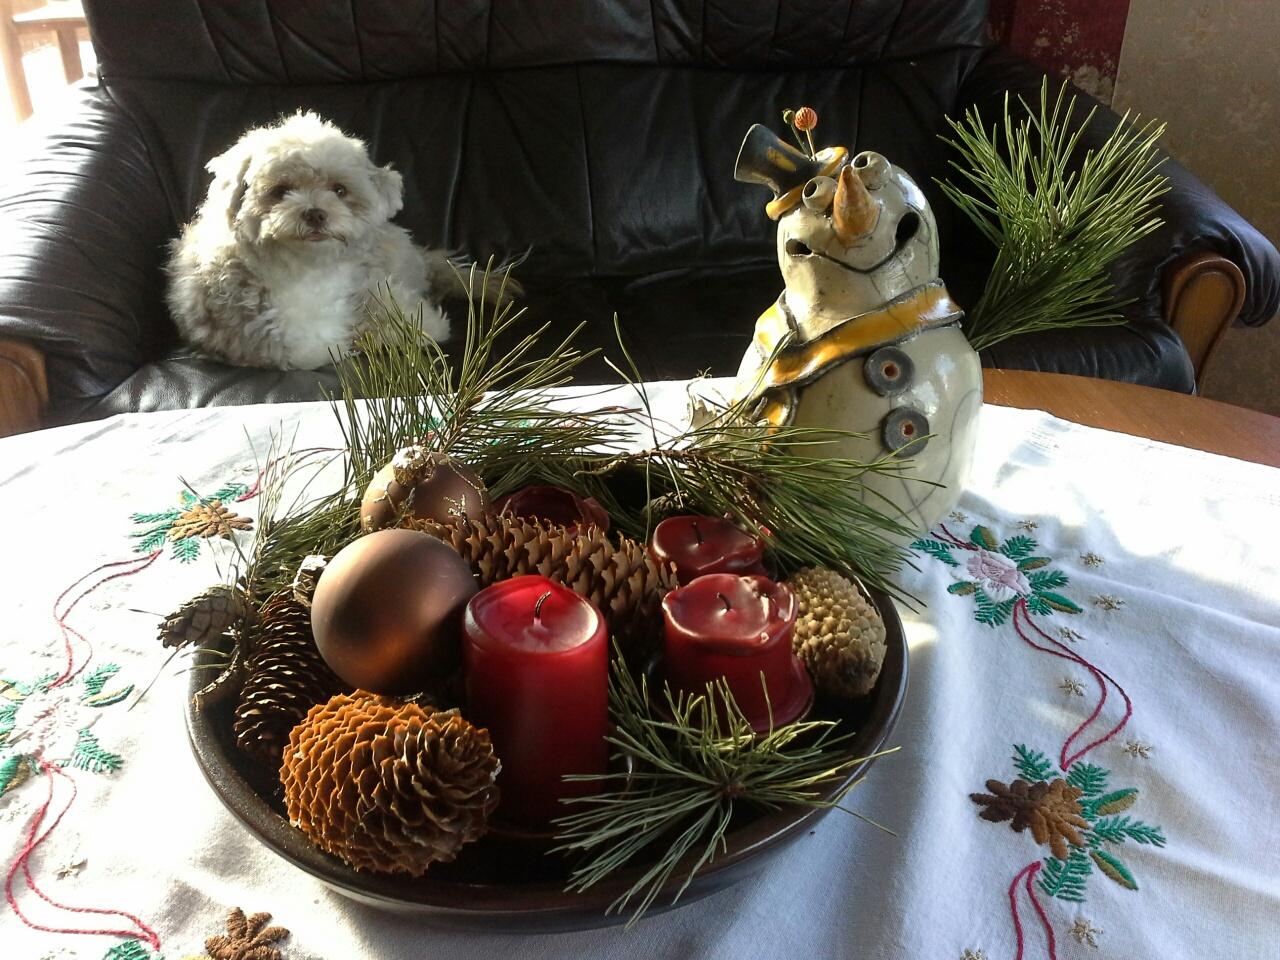 Weihnachtsfoto mit ihrem kleinen Hund  auf dem Sofa von Genossin Heike Völschow, Fraktionsvorsitzende DIE LINKE der Stadtvertretung Ribnitz-Damgarten.